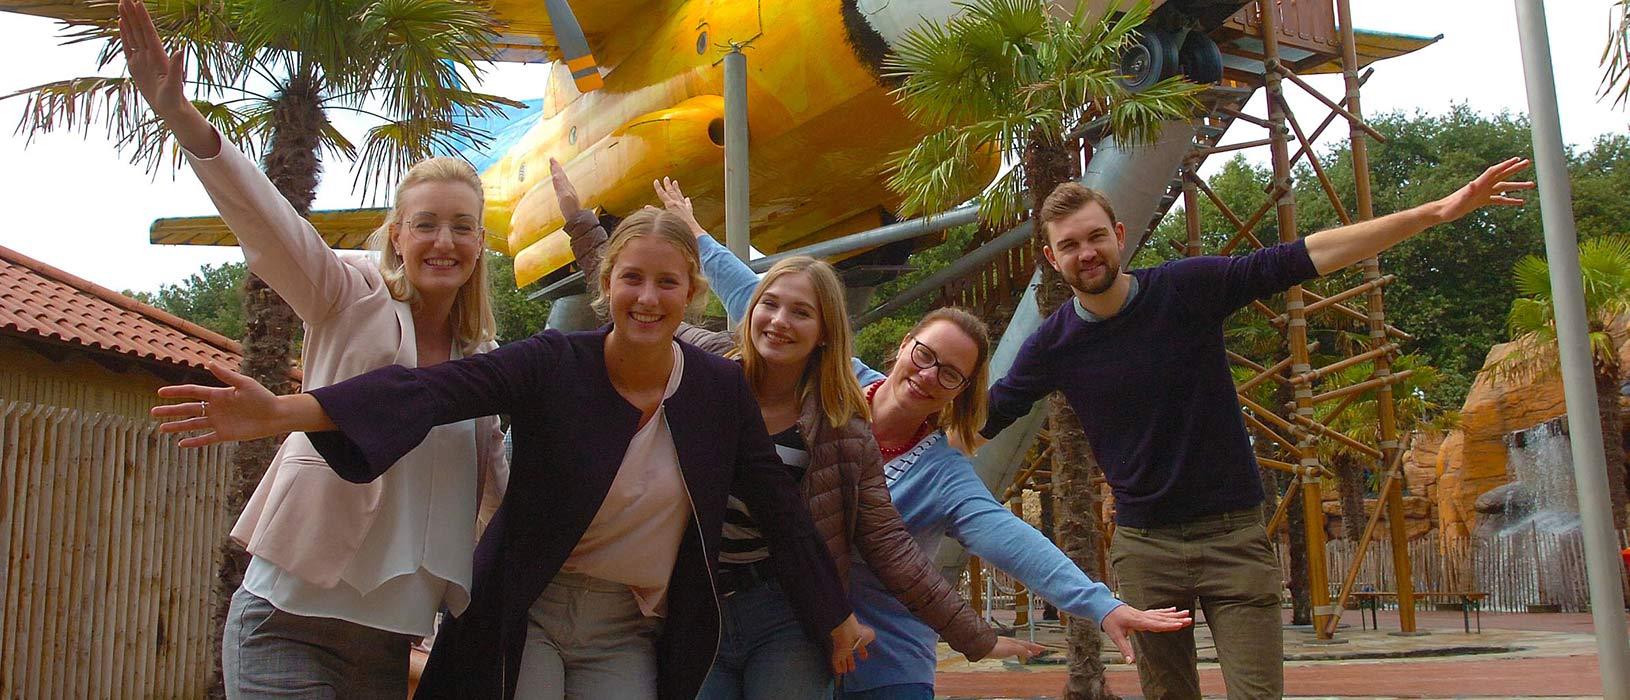 Der Freizeitpark Irrland in Kevelaer-Twisteden entstand ab 1999 aus einem Bauernhof mit Maislabyrinth und wuchs über die Jahre zu einem Park mit einer Fläche von etwa 300.000 Quadratmetern heran. Heute zählt er zu den beliebtesten Freizeitattraktionen in der Region. Foto: Wirtschaftsförderung